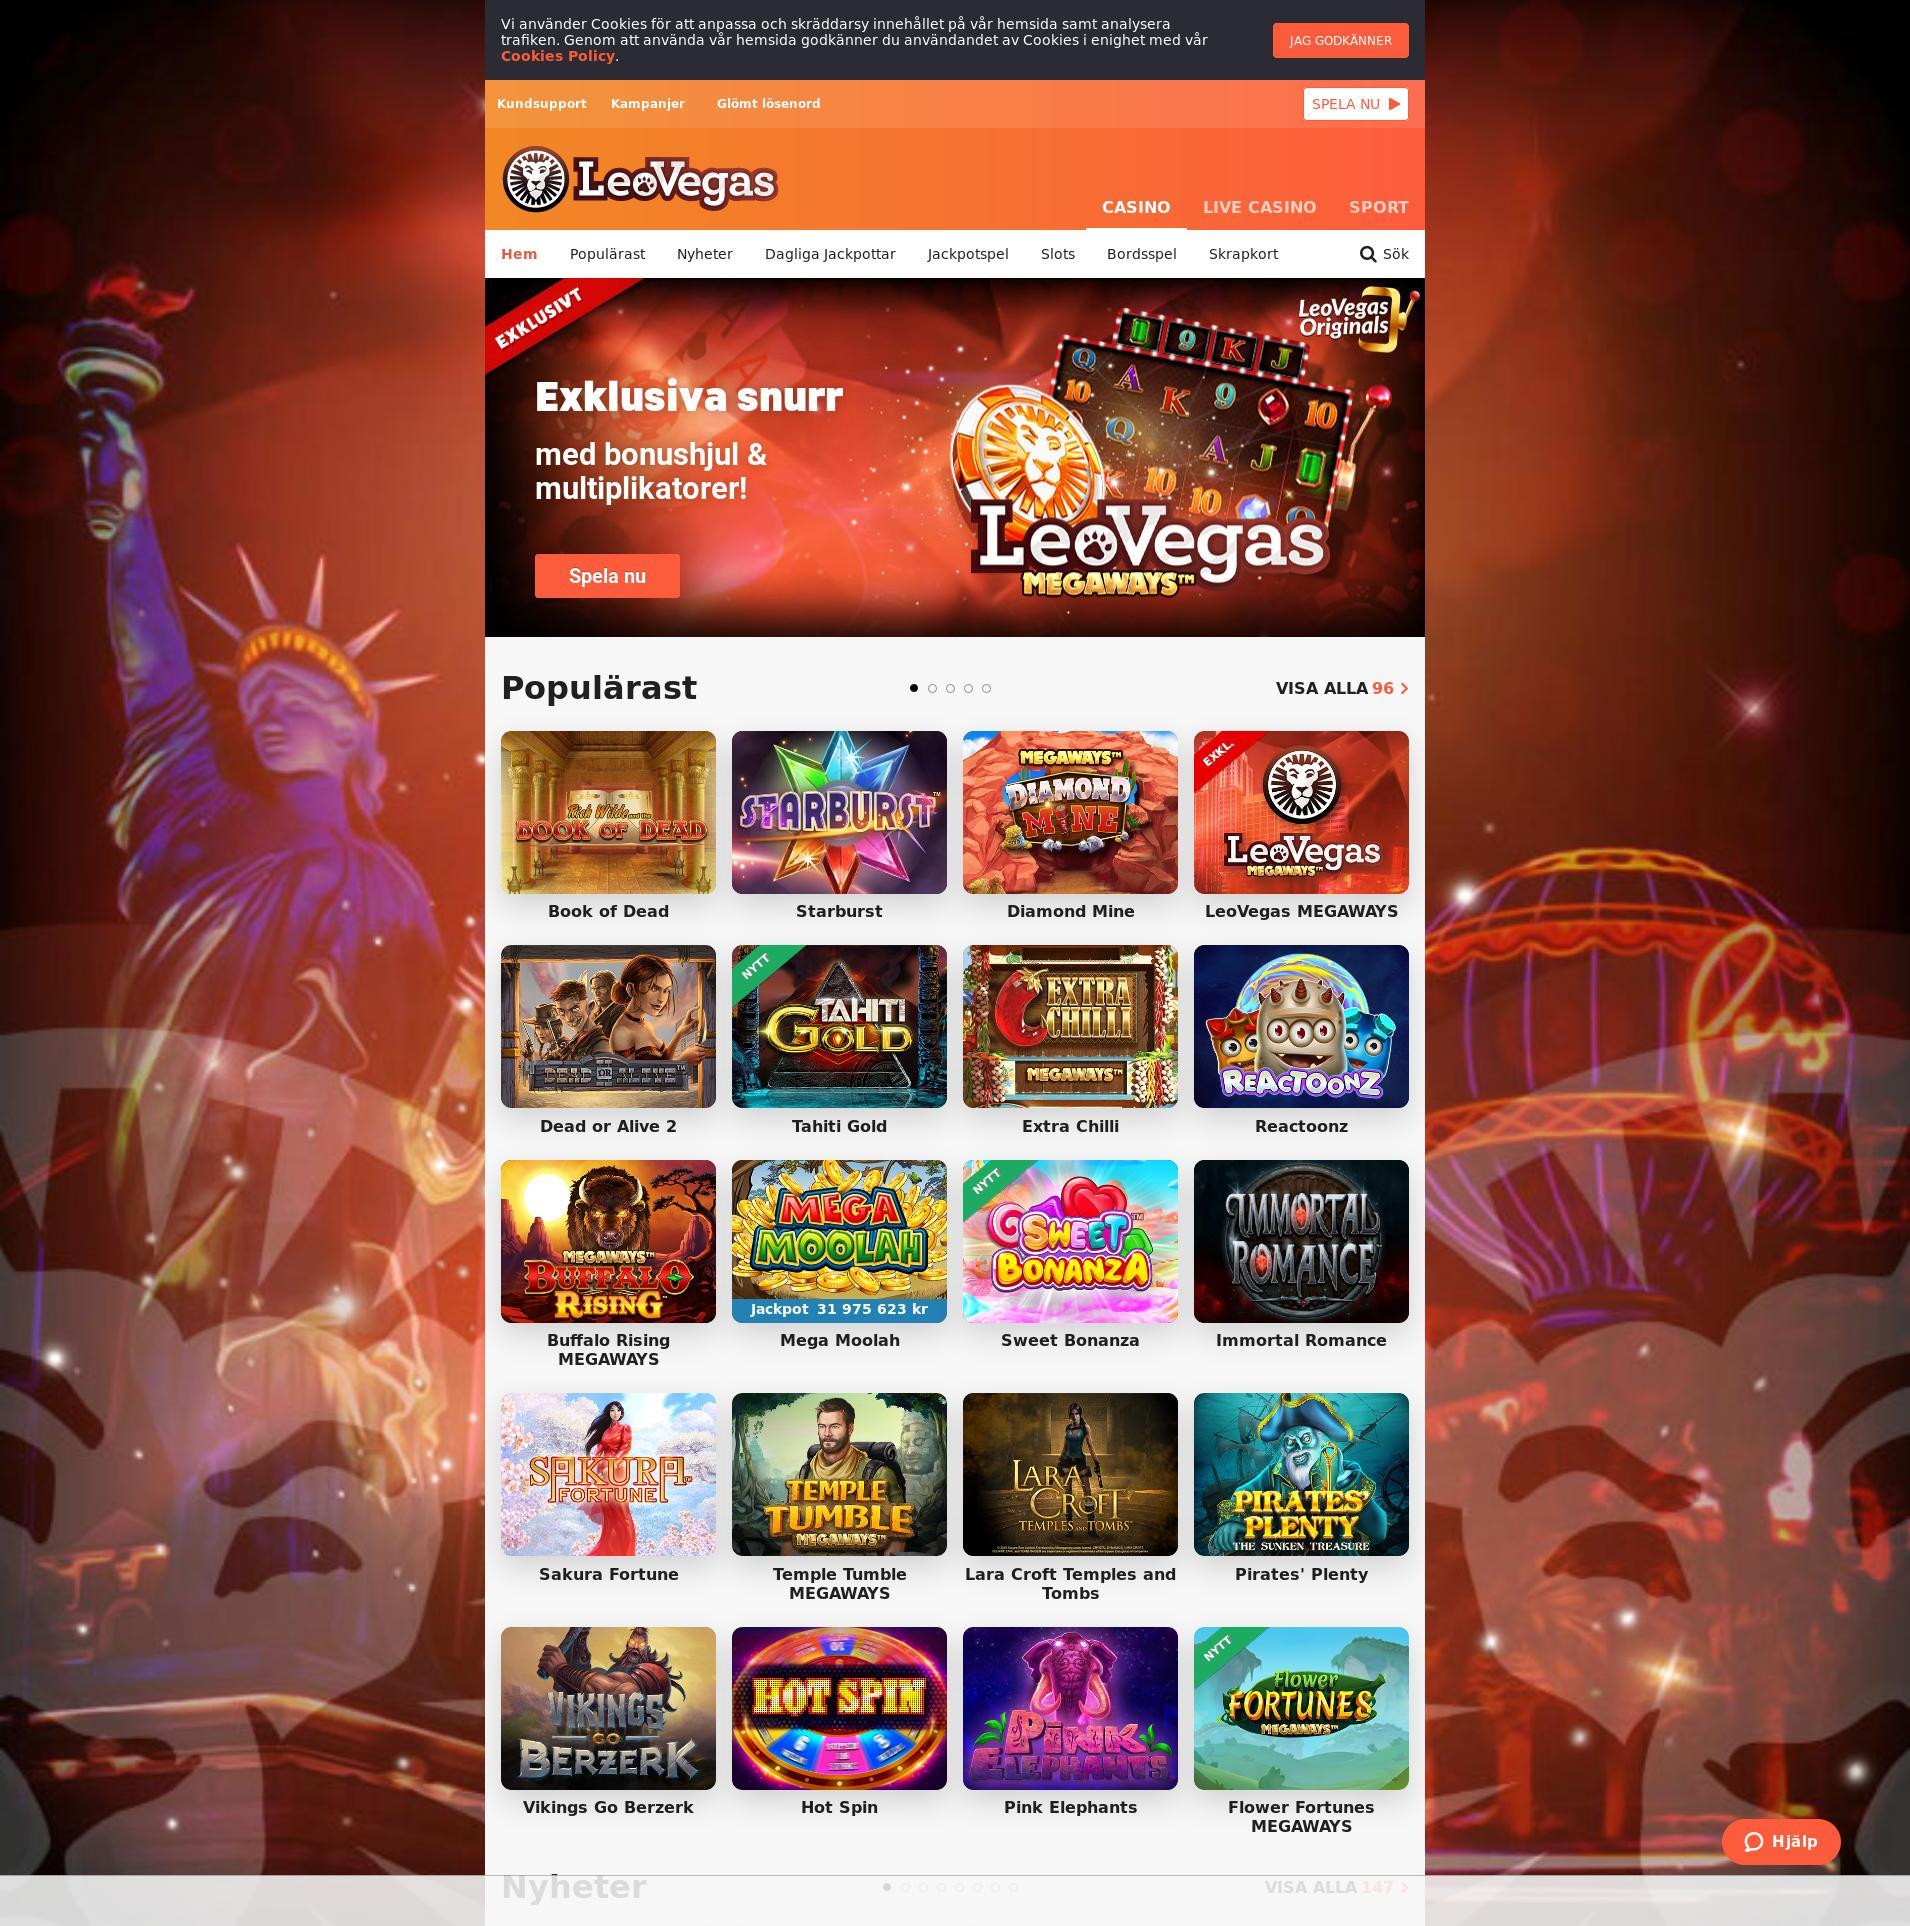 Casino screen Lobby 2019-08-21 for Sweden